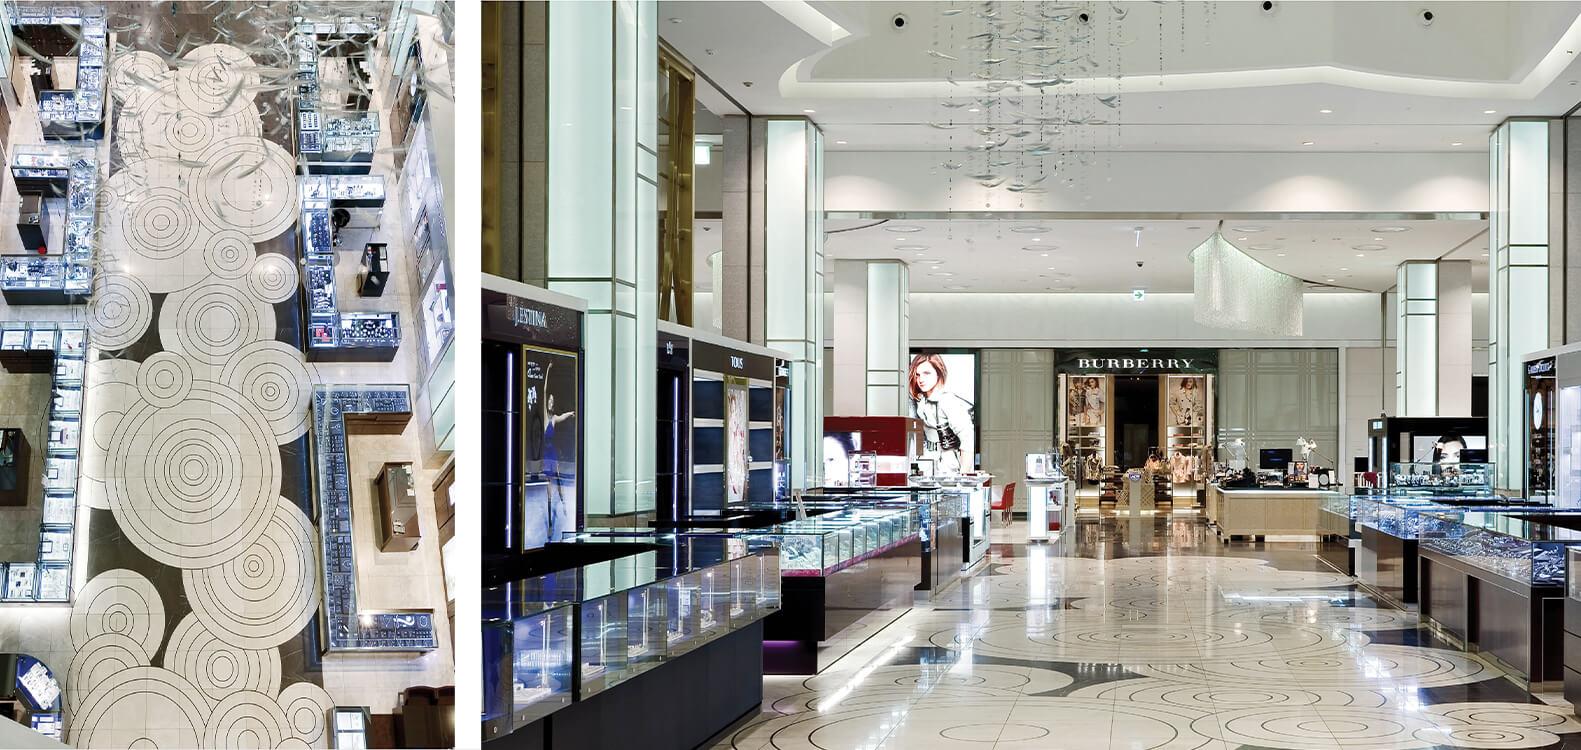 Grands magasins Lotte, Corée du Sud